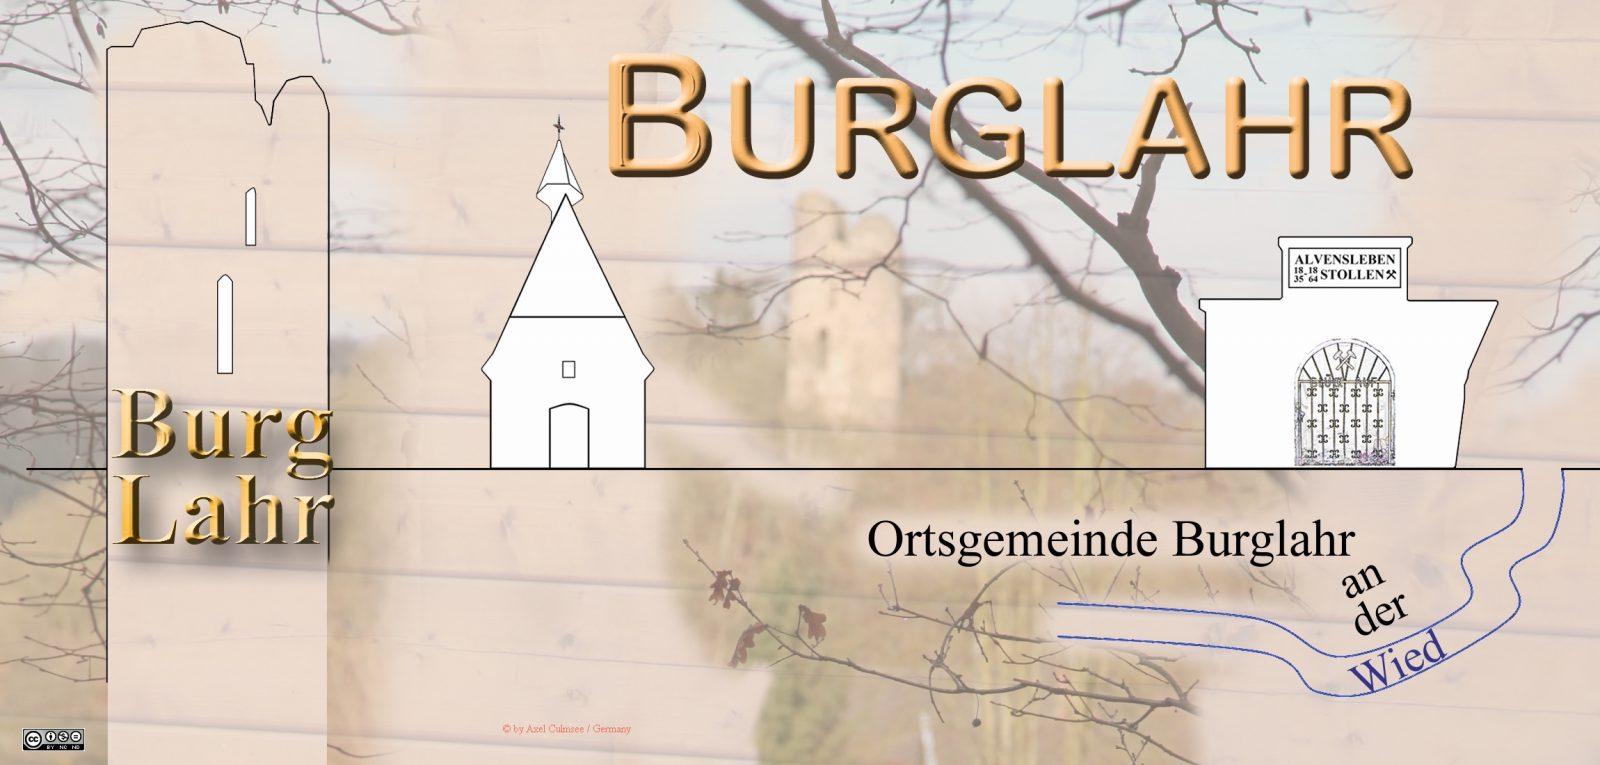 Burglahr Burg Lahr